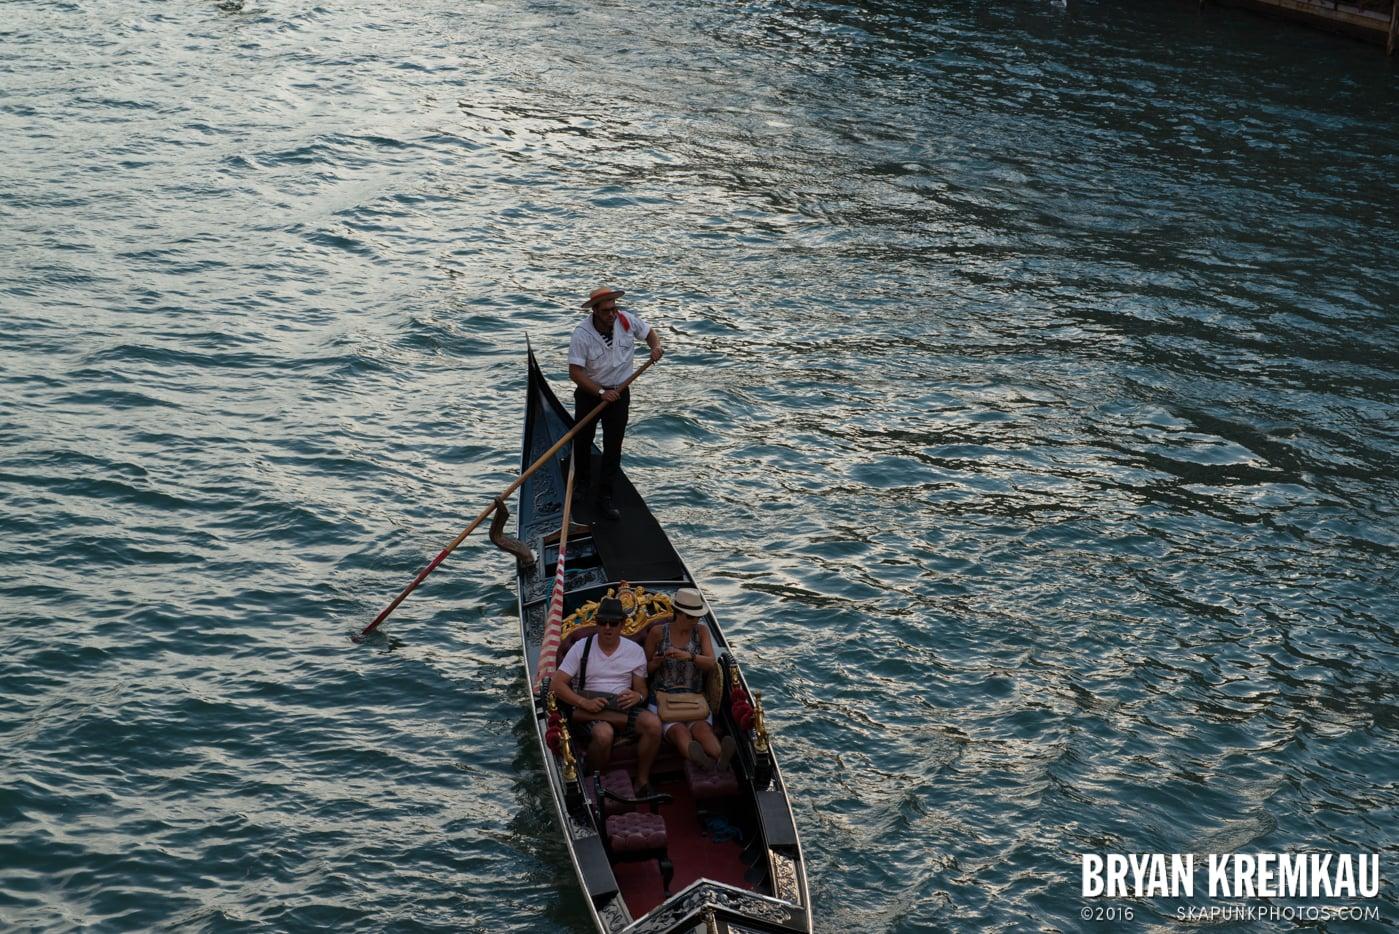 Italy Vacation - Day 6: Murano, Burano, Venice - 9.14.13 (15)